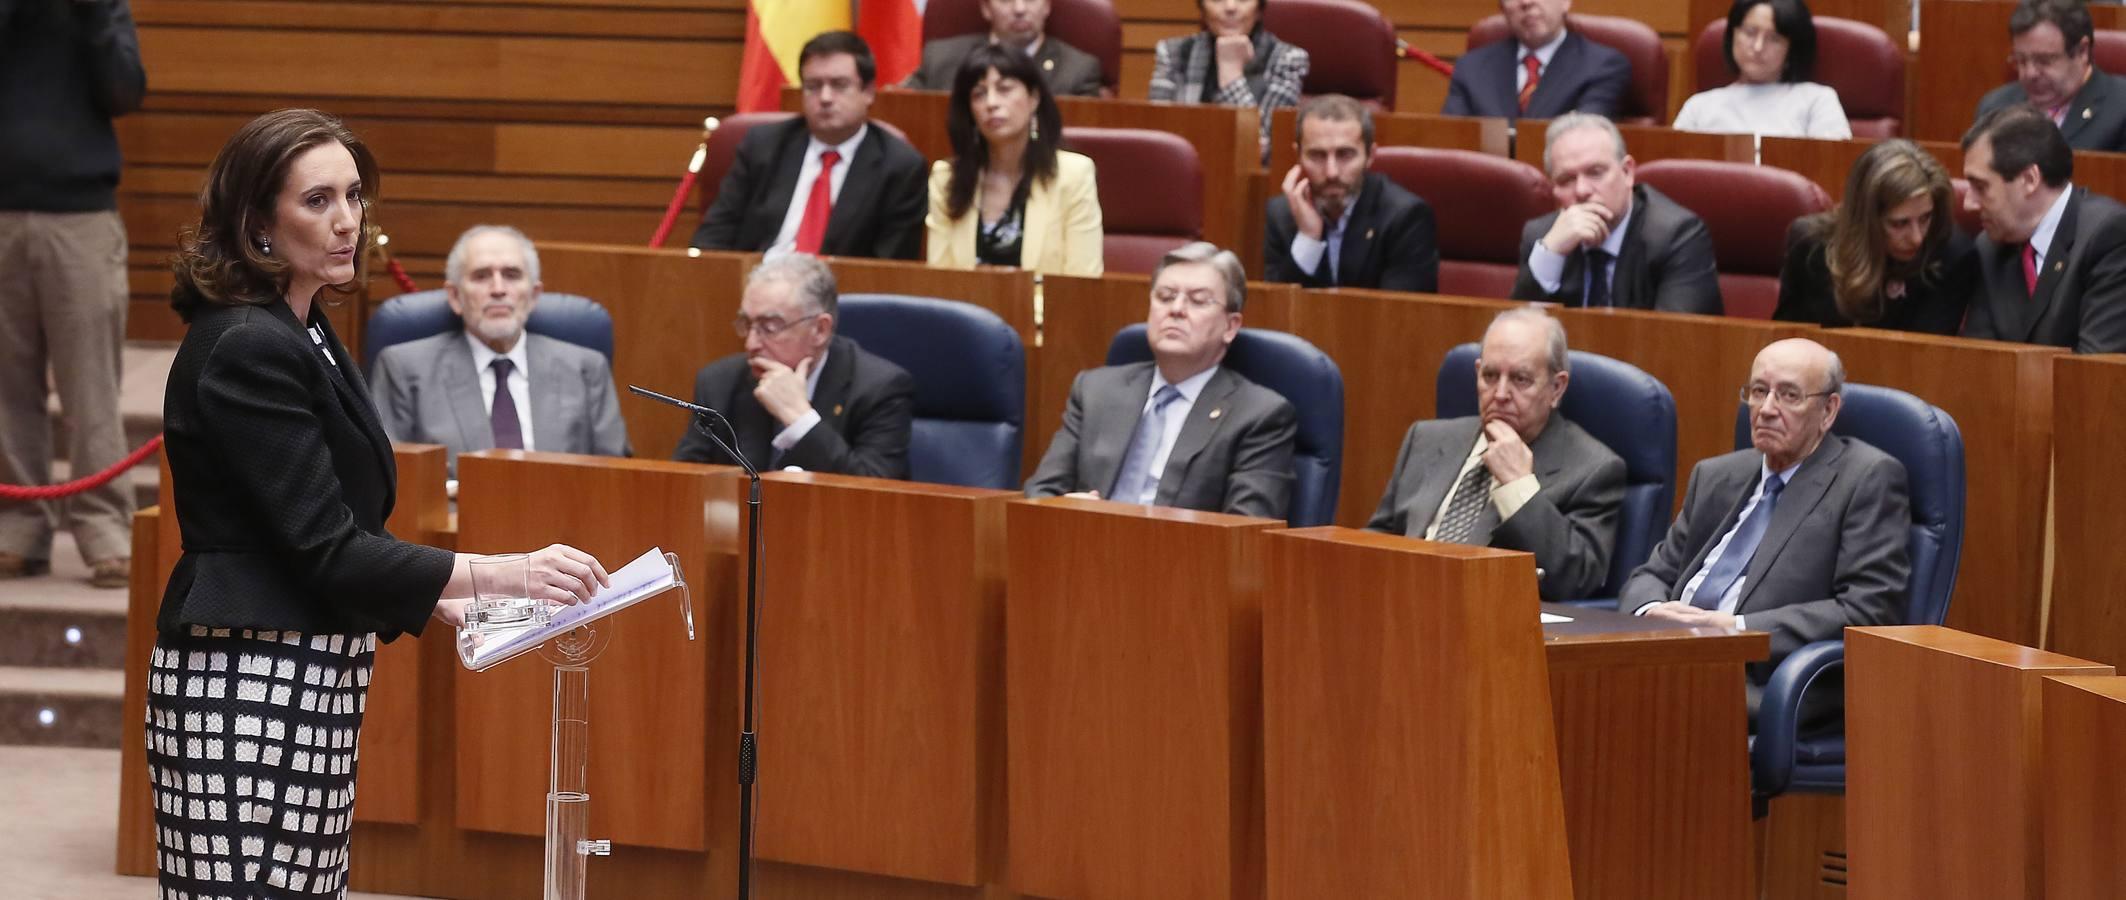 XXXI aniversario del Estatuto de Autonomía de Castilla y León (1/2)